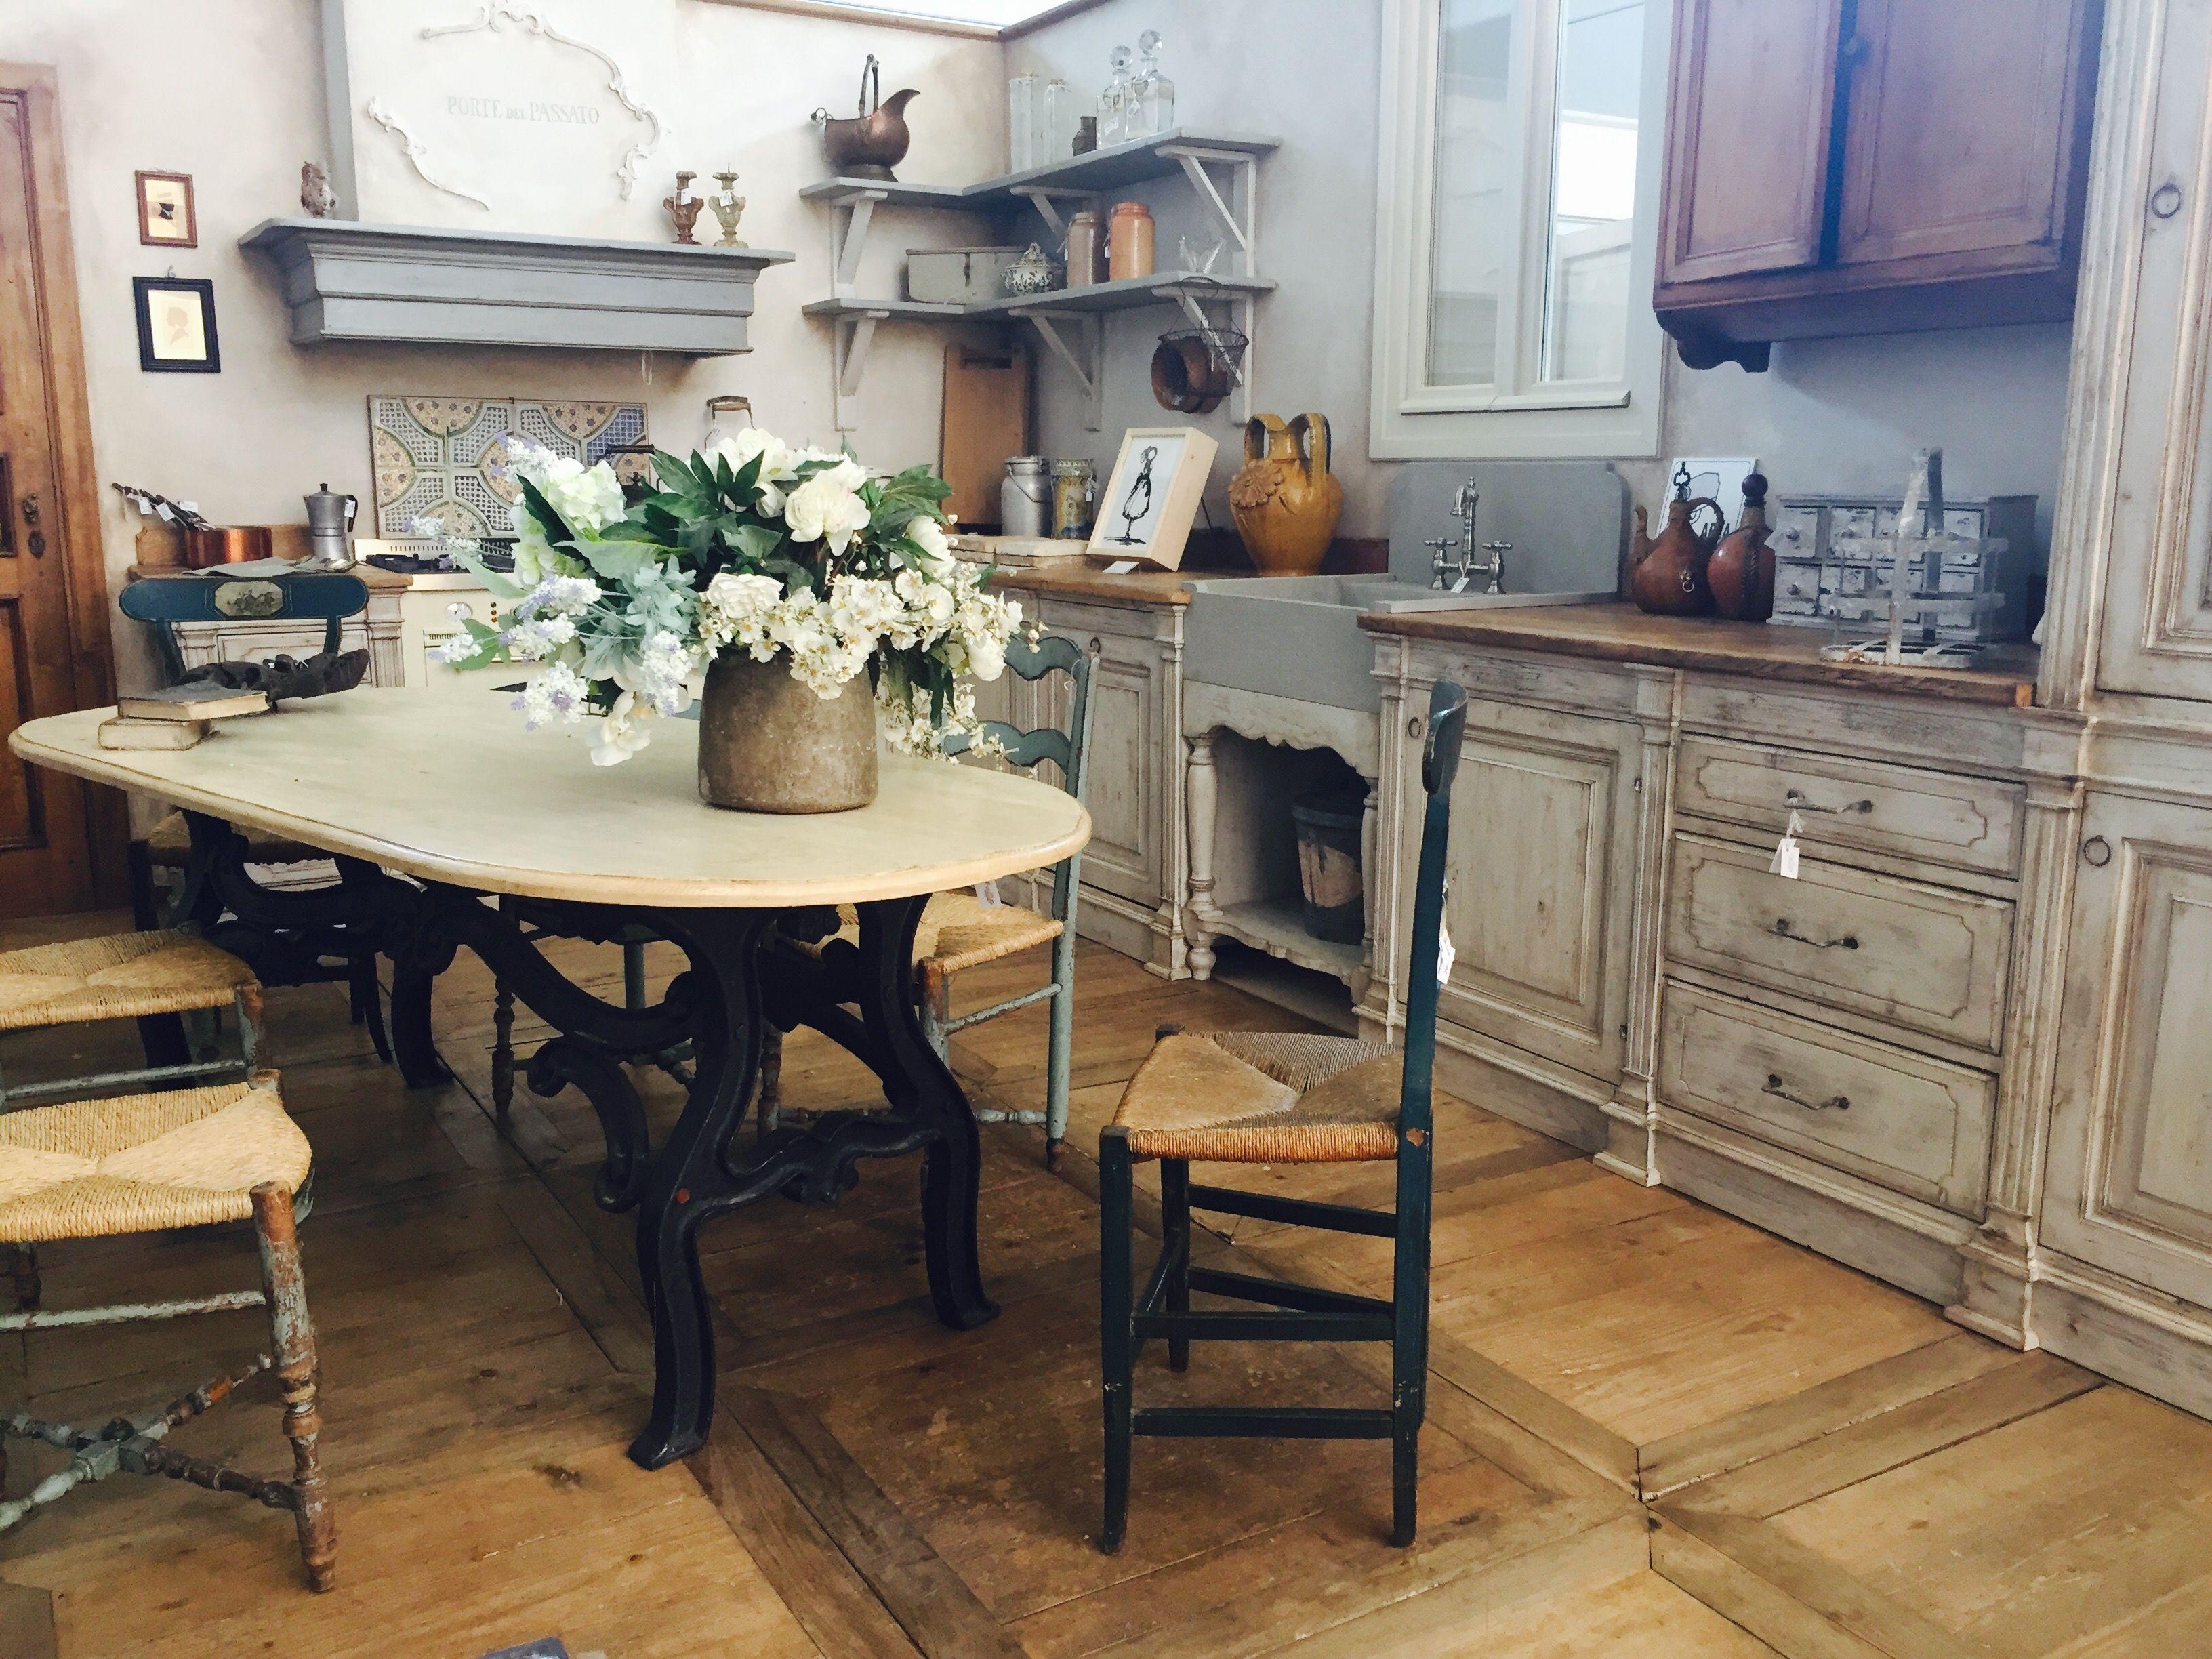 Nuovi abbinamenti. Un tavolo industrial chic e una cucina stile ...